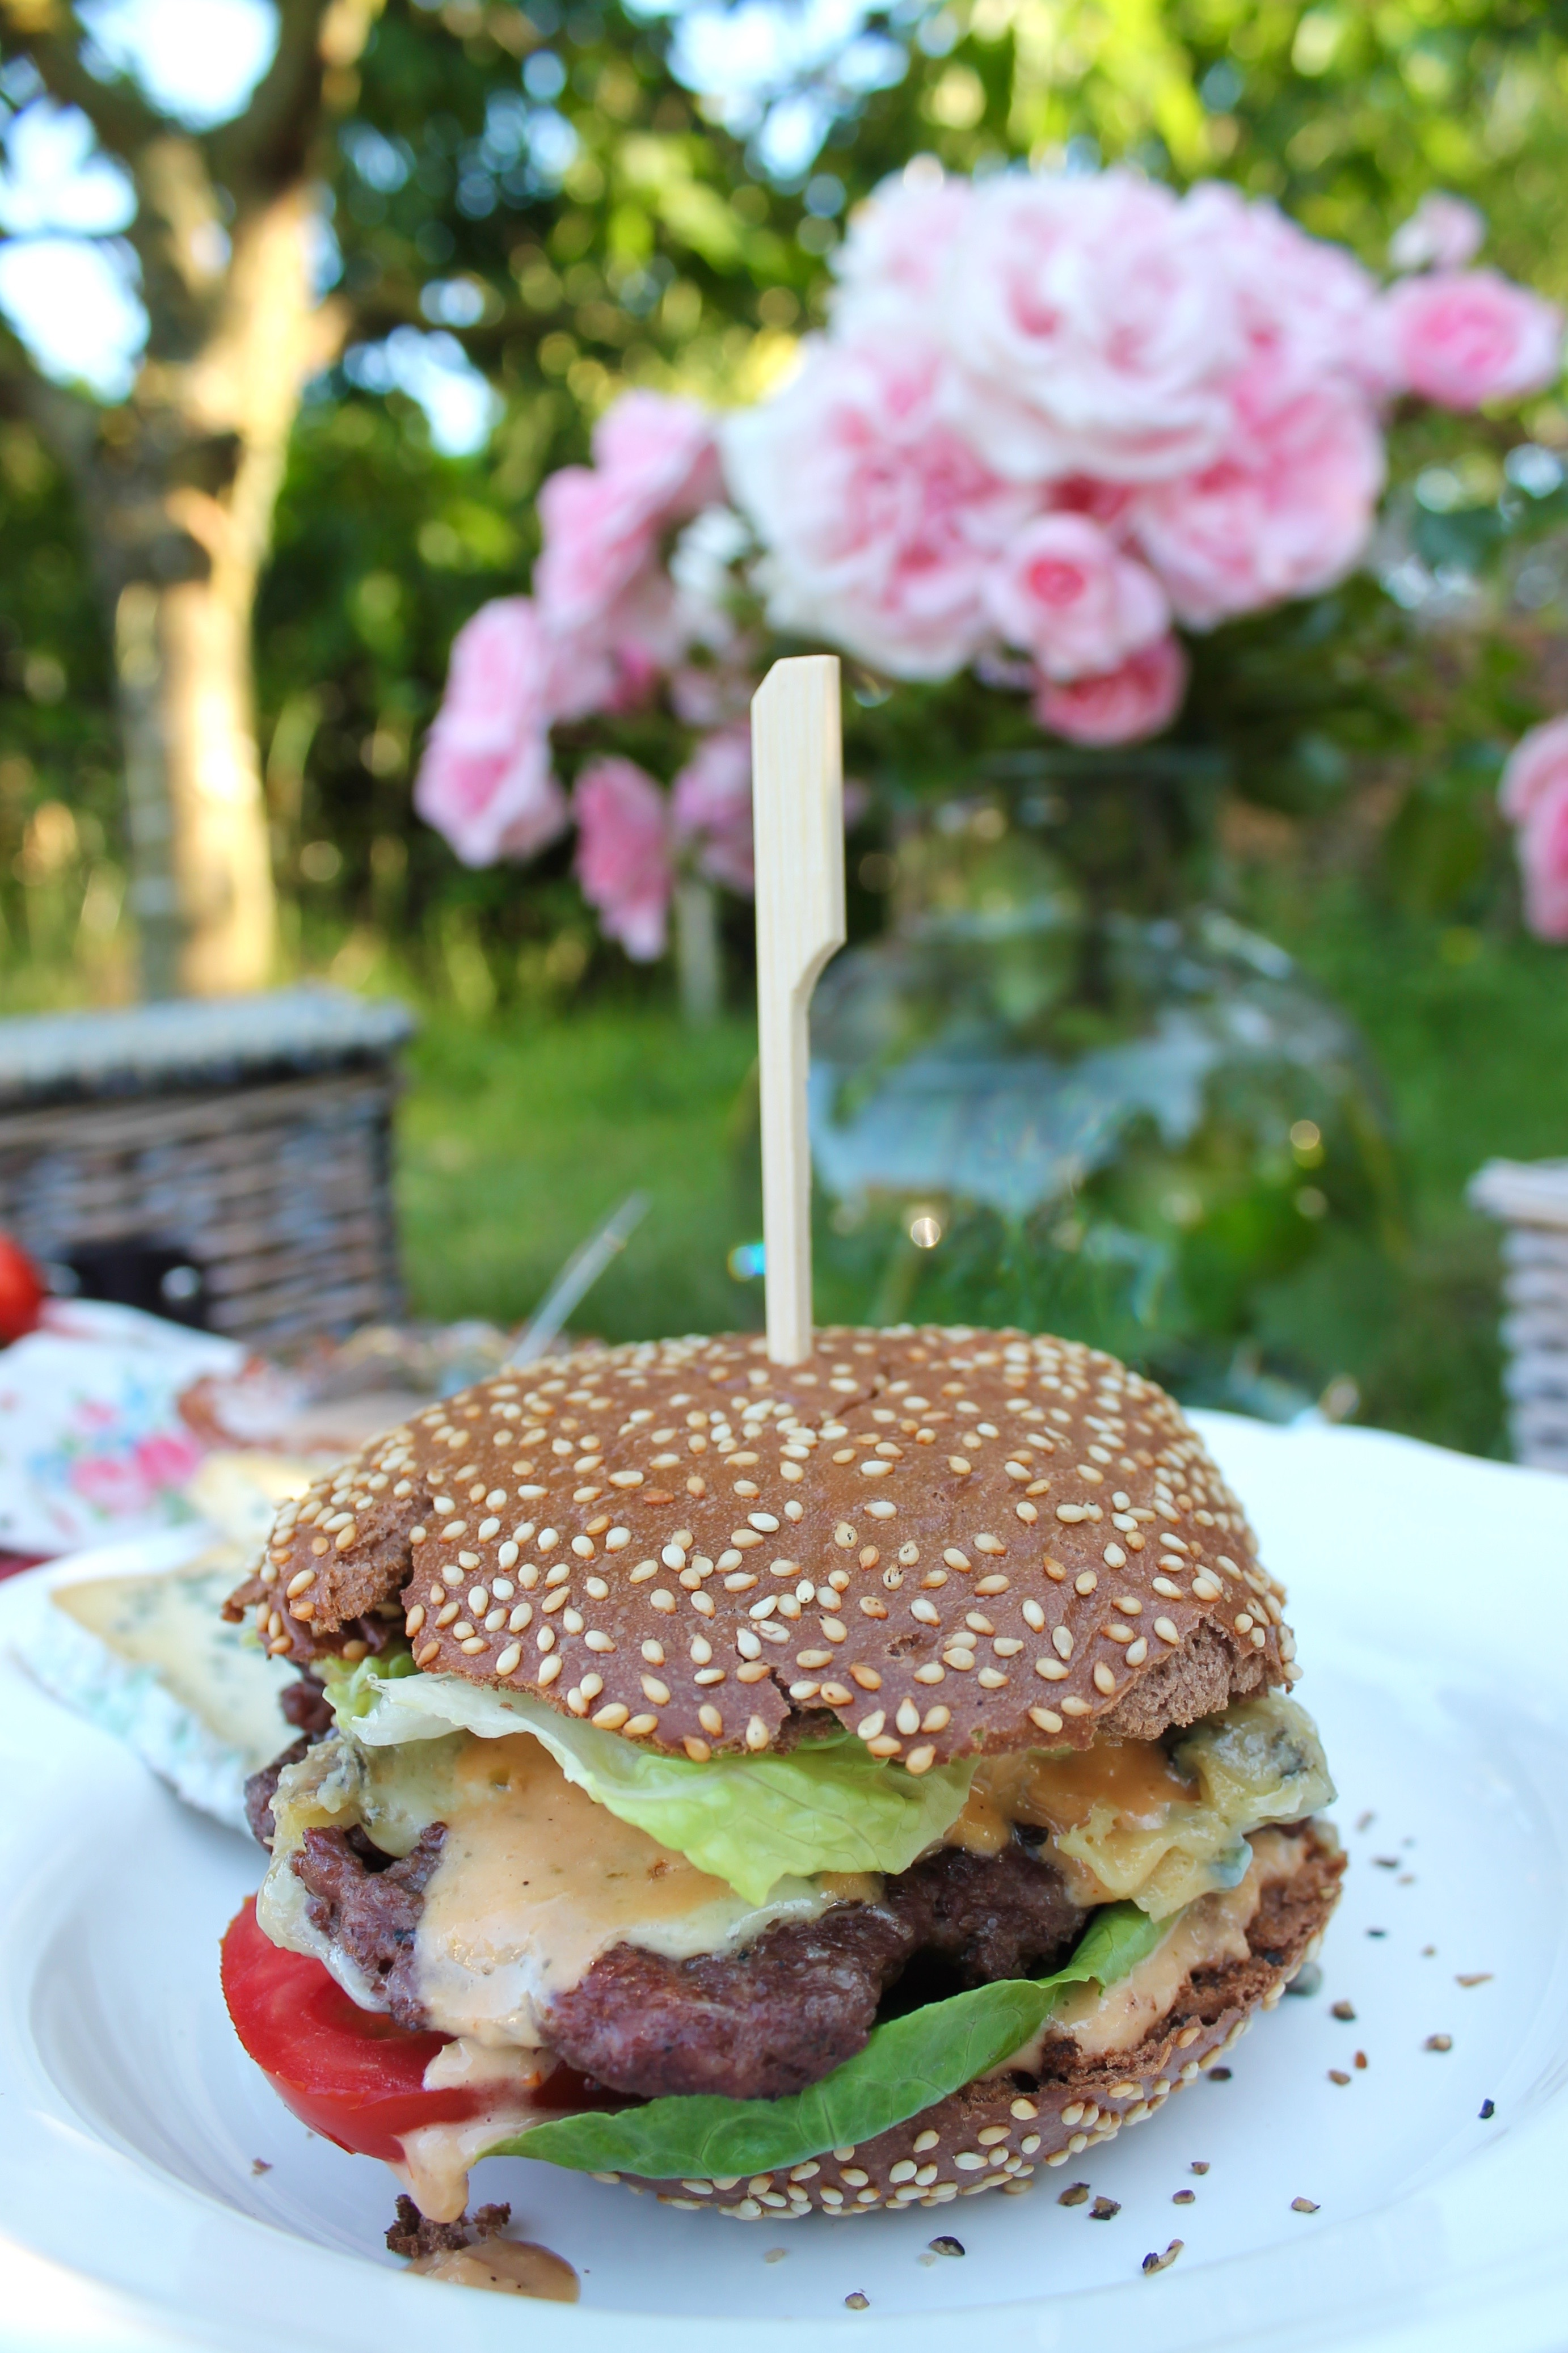 Blauschimmelkäseburger